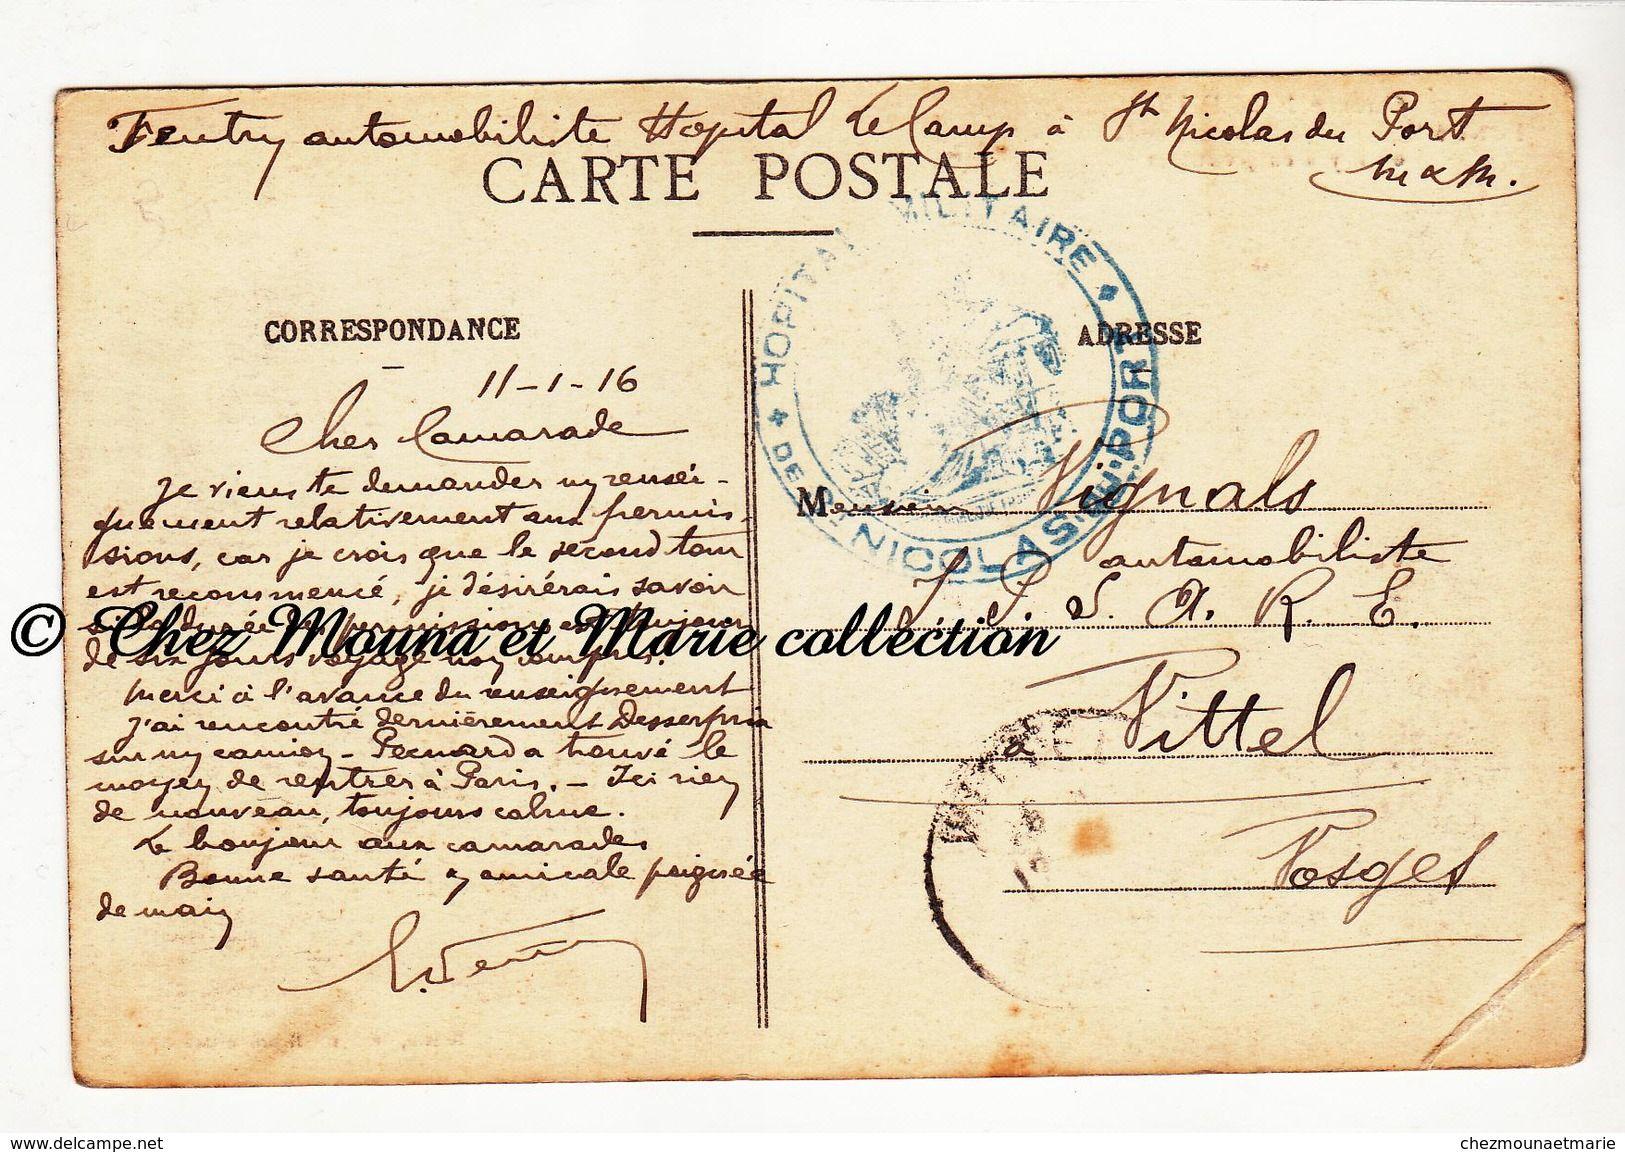 Wwi 1916 tampon hopital de st nicolas du port feutry automobiliste vignals a vittel - Hopital saint nicolas de port ...